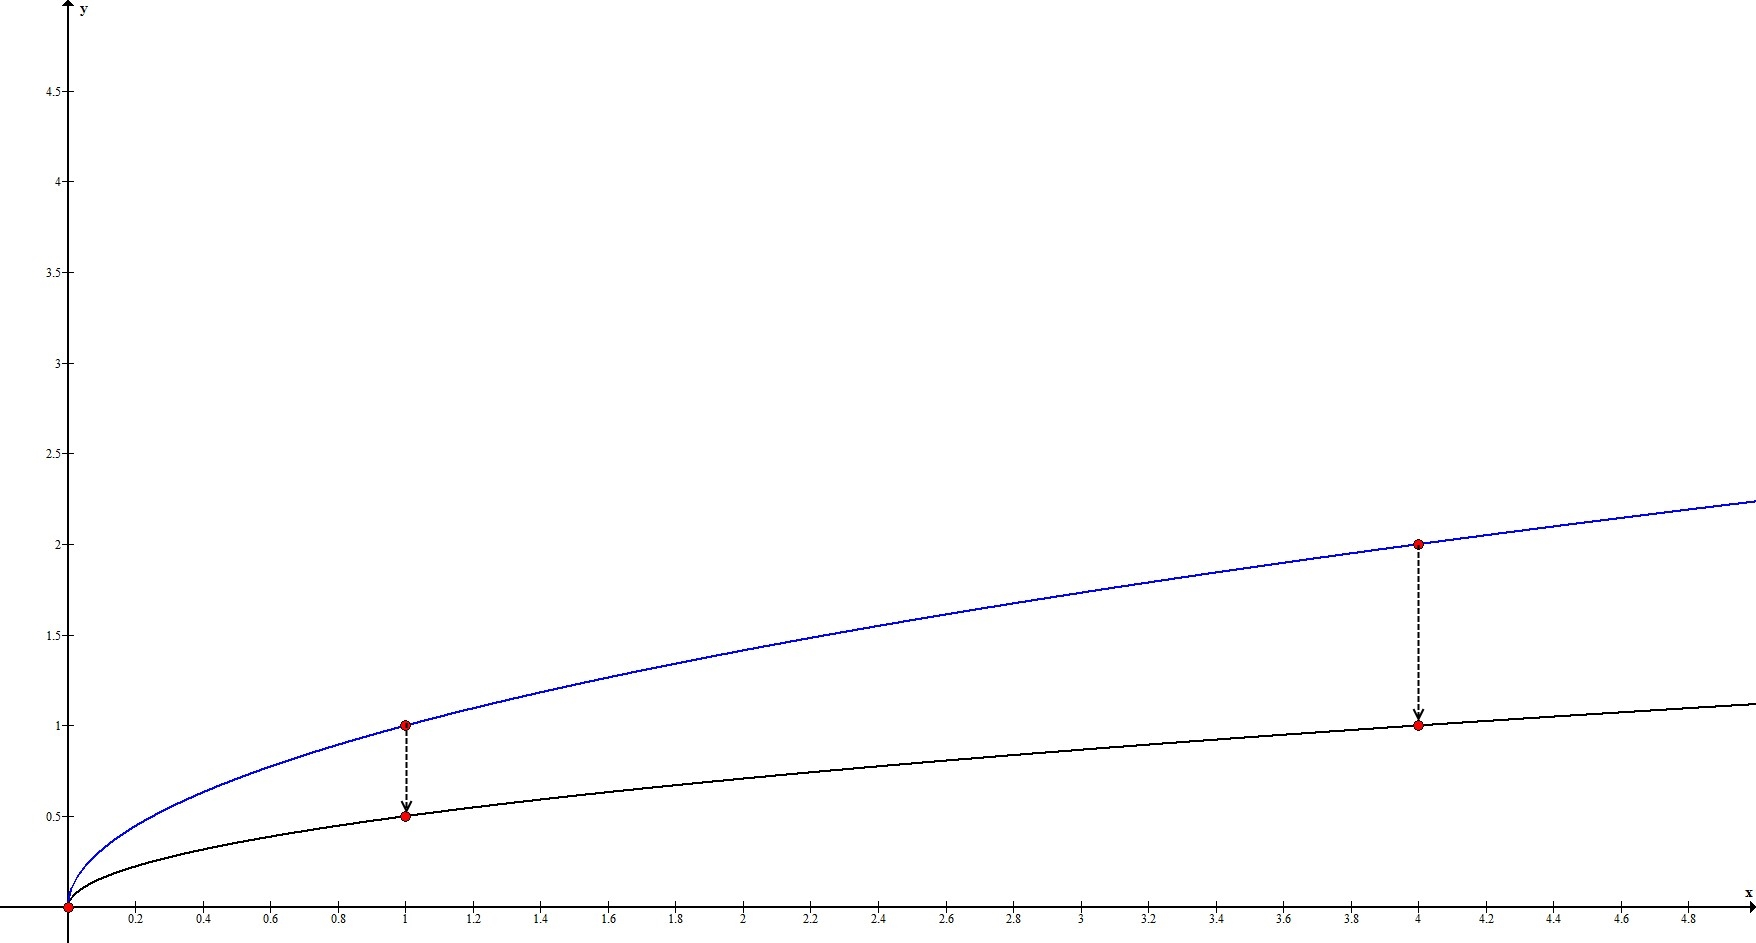 Геометрические преобразования. Растяжение по Оy. Пример 2.